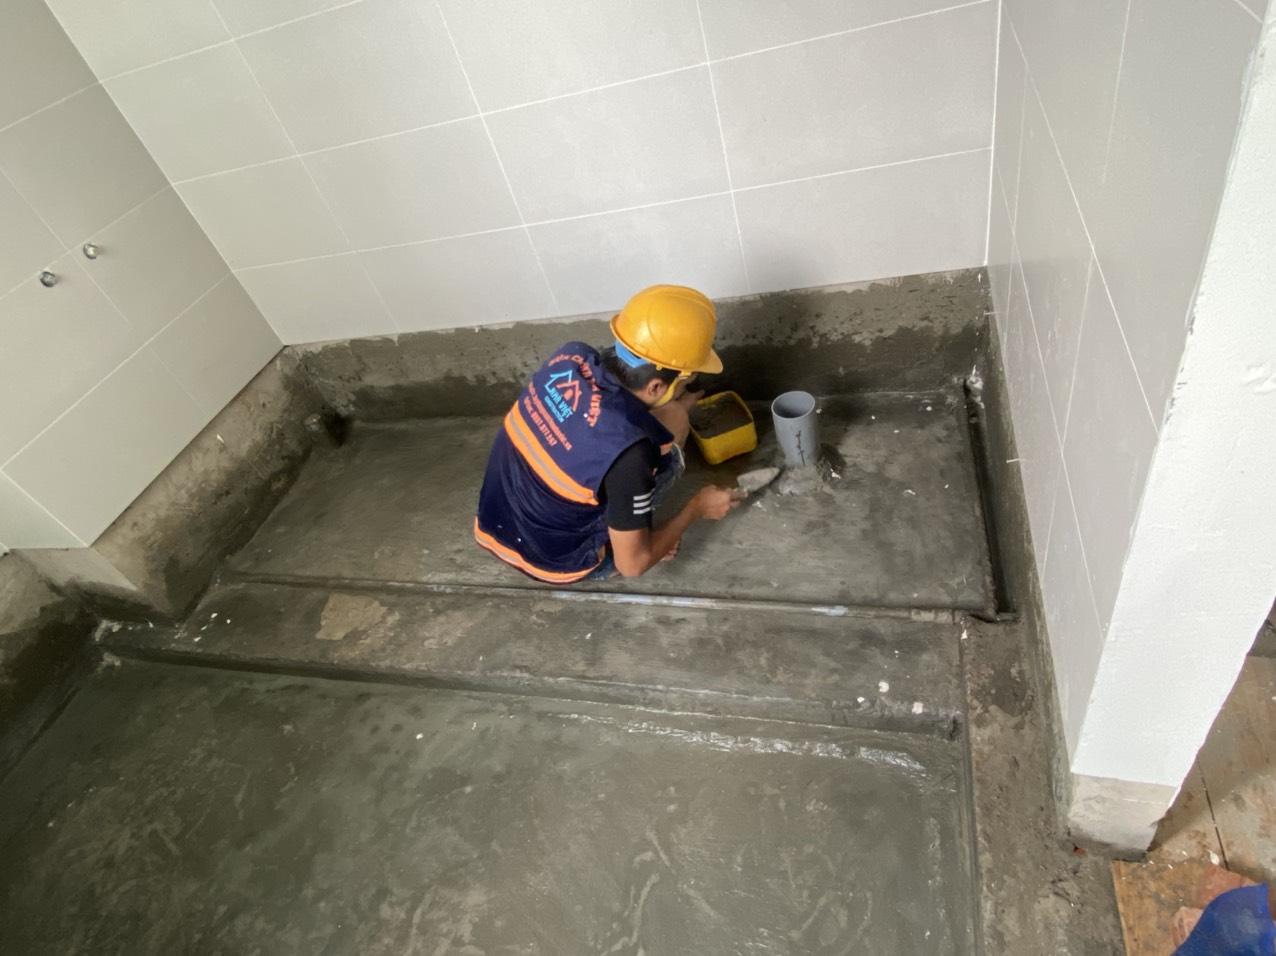 dich vu chong tham nha ve sinh 24h 10 - Dịch vụ sửa ống nước nhà vệ sinh 24h